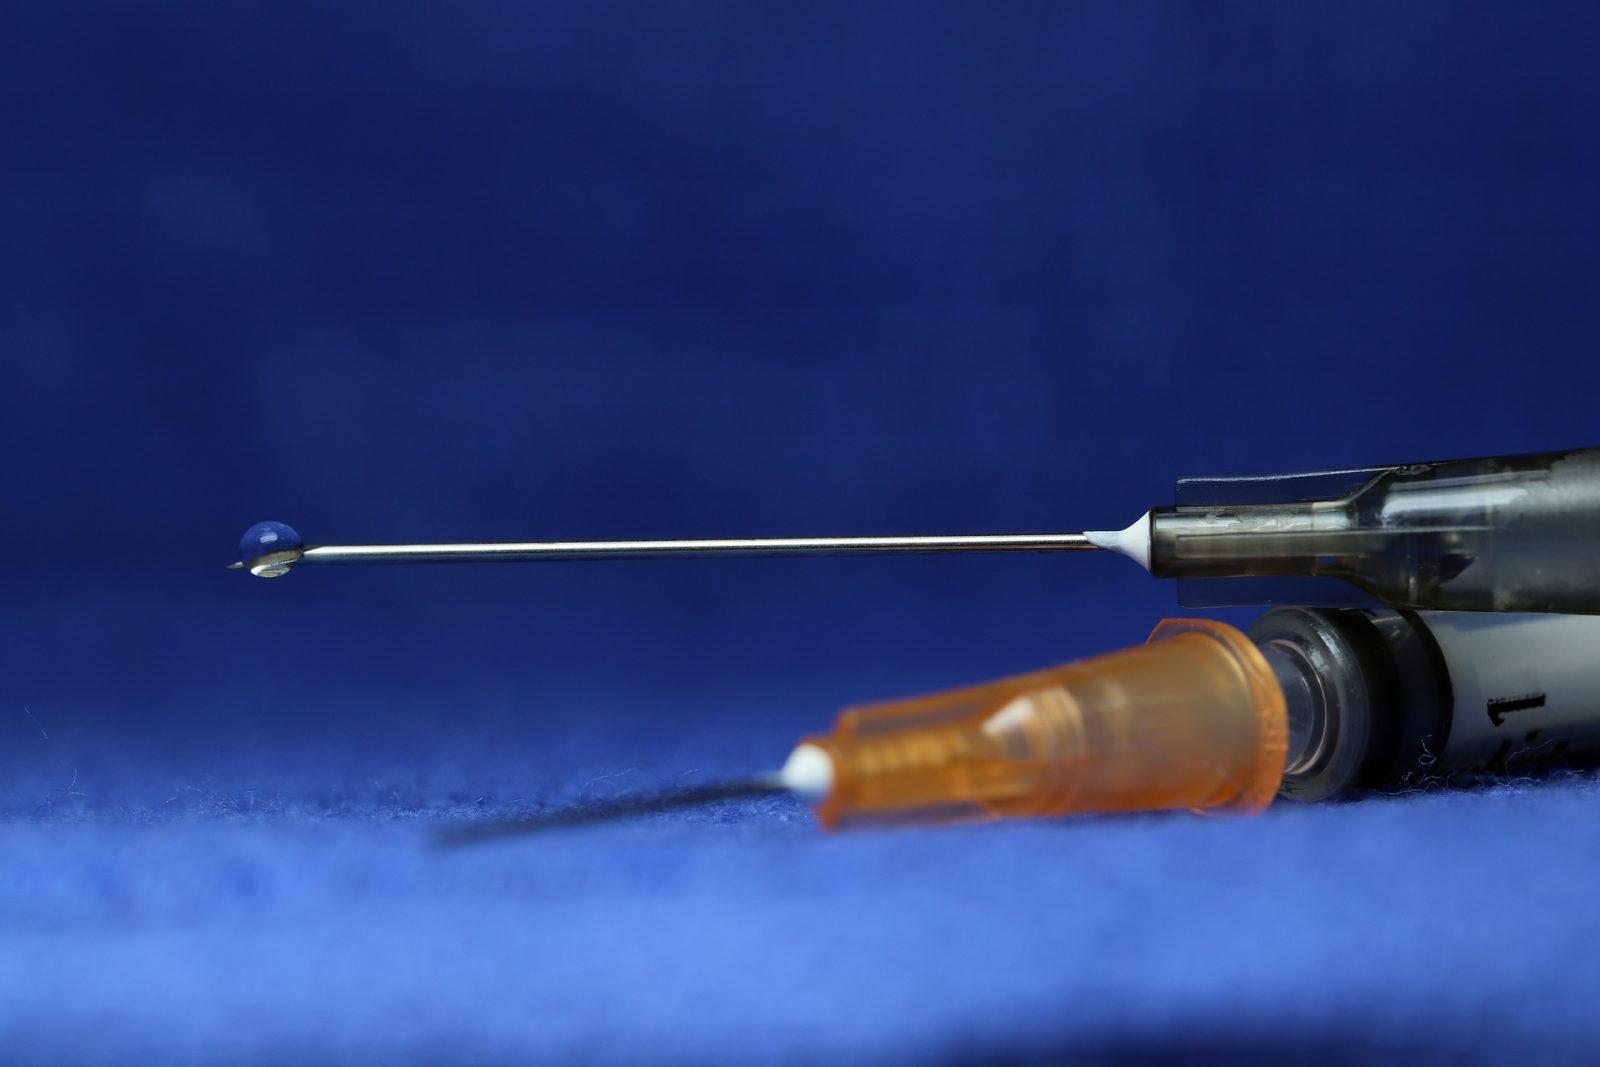 חיסון הפפילומה, נגד סרטן צוואר הרחם, גרדסיל - מידע מעמיק על בטיחות ותופעות לוואי